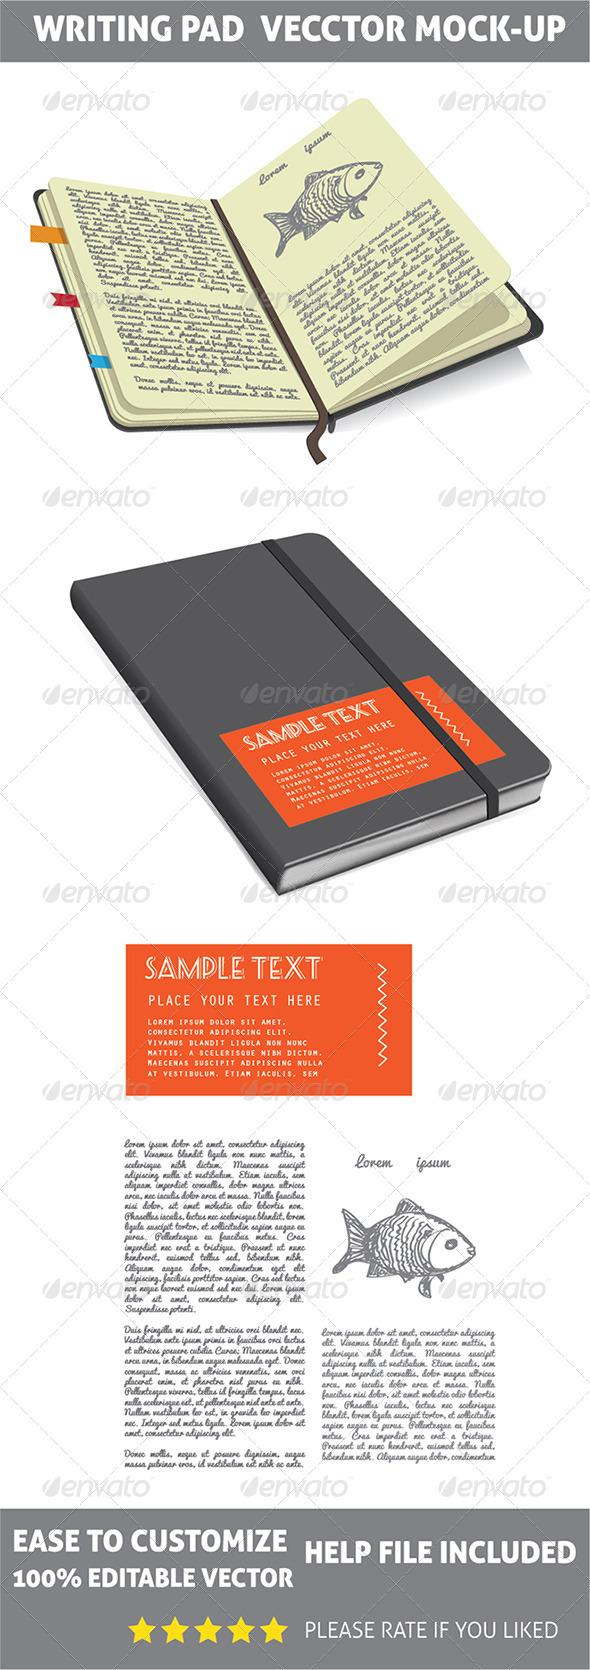 GraphicRiver Writing Pad Mockup 7963178